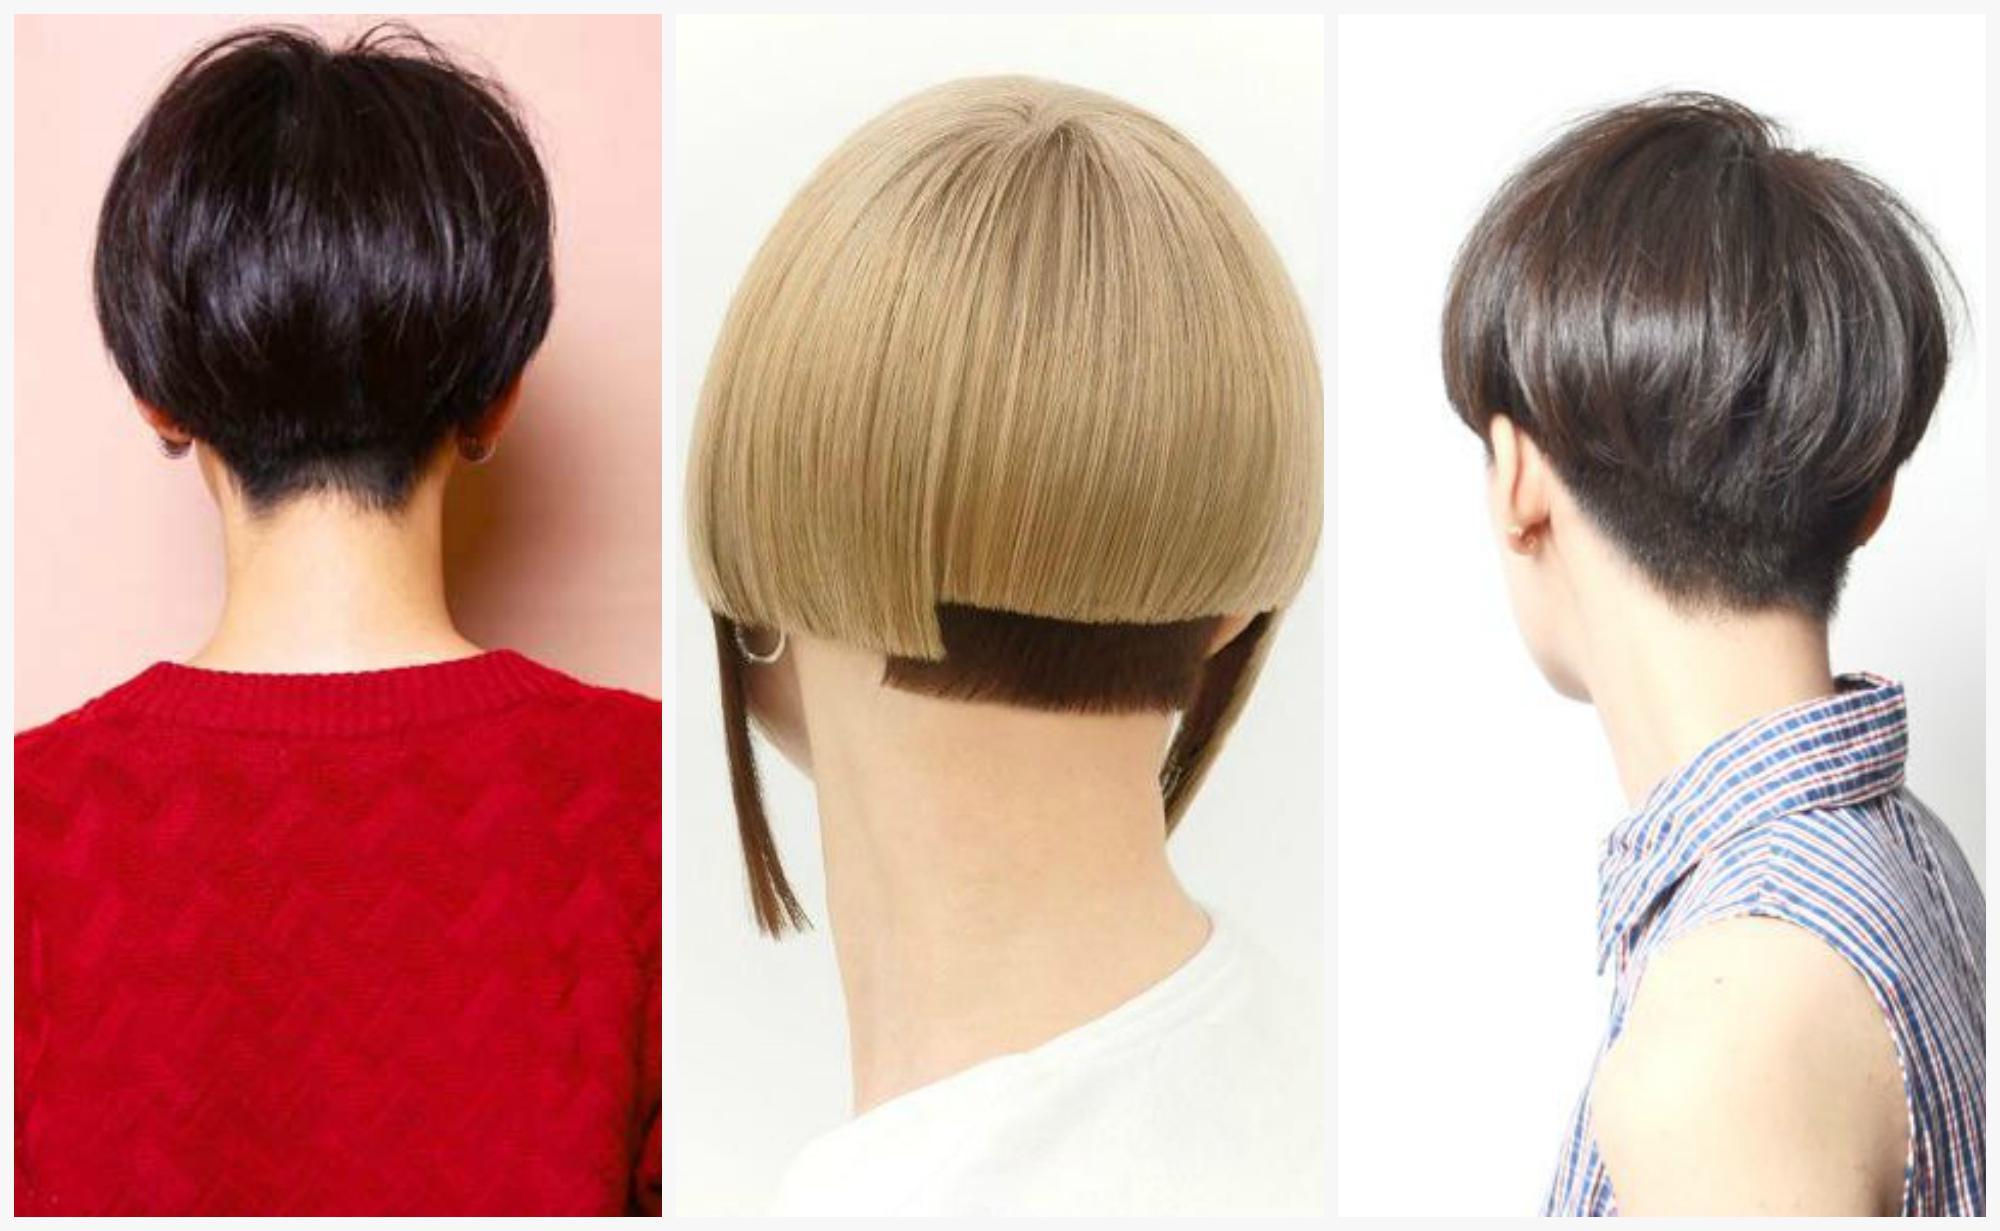 image82-1 | Модные женские стрижки на короткие волосы: основные правила и варианты исполнения